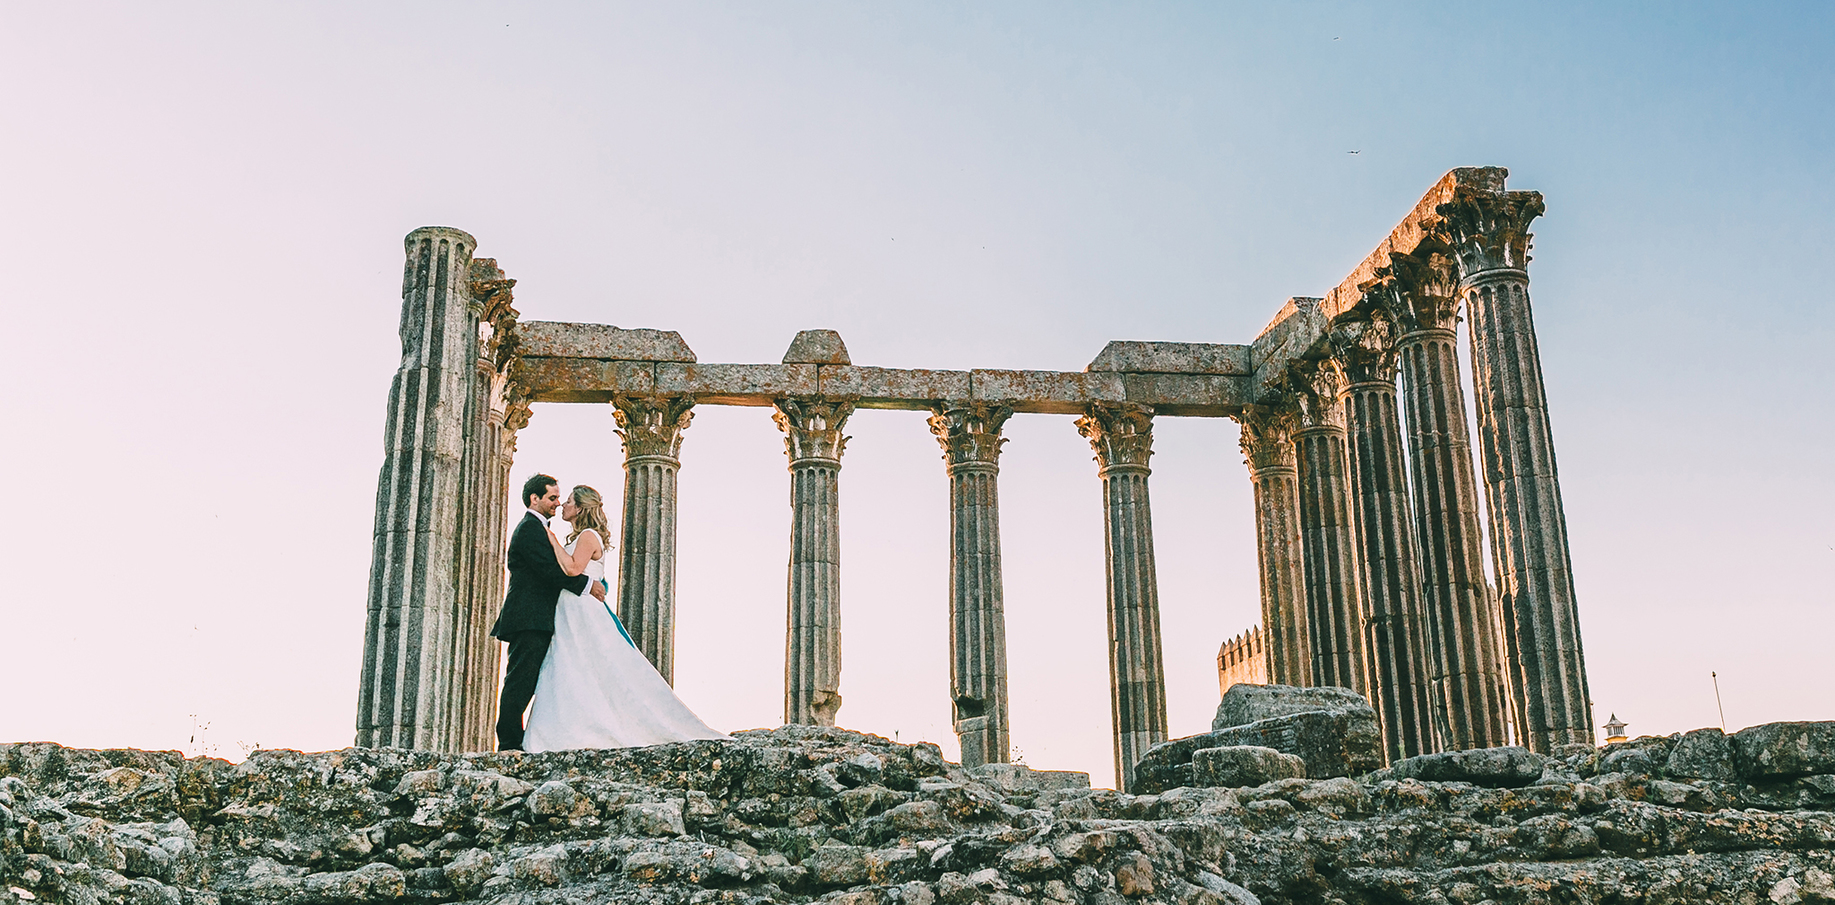 Casamento de Ana e Alexandre em Évora - Portugal